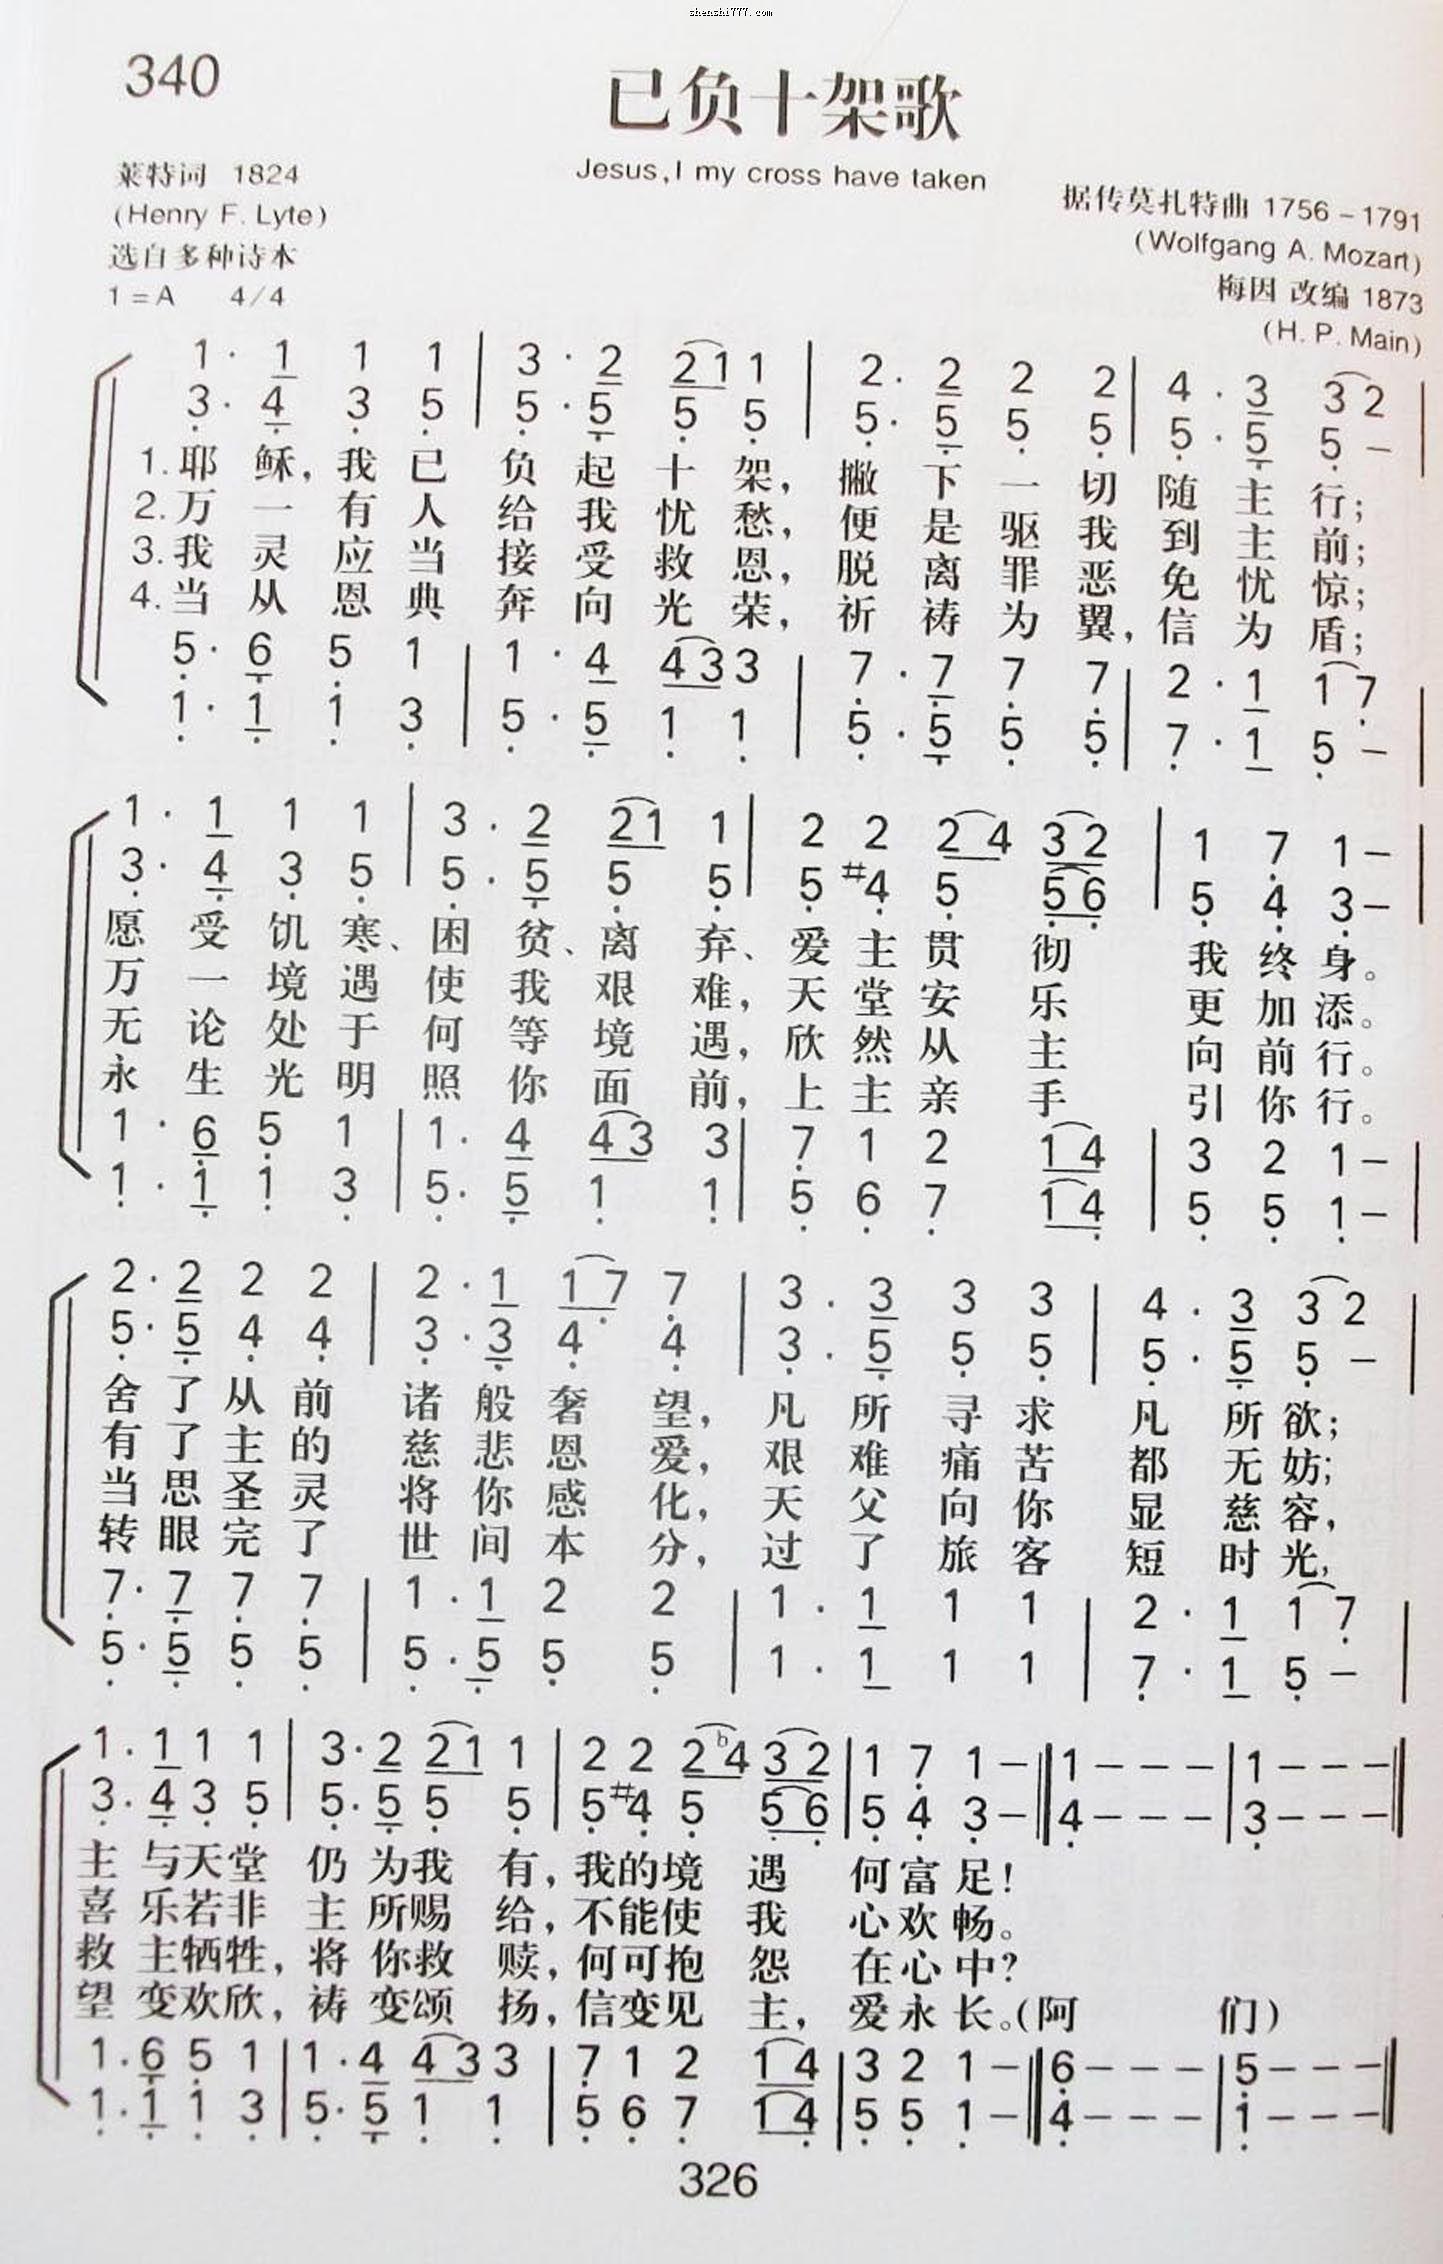 0基督教简谱网歌谱网 诗歌大全五线谱 钢琴谱 圣歌韩国英文网站迦南